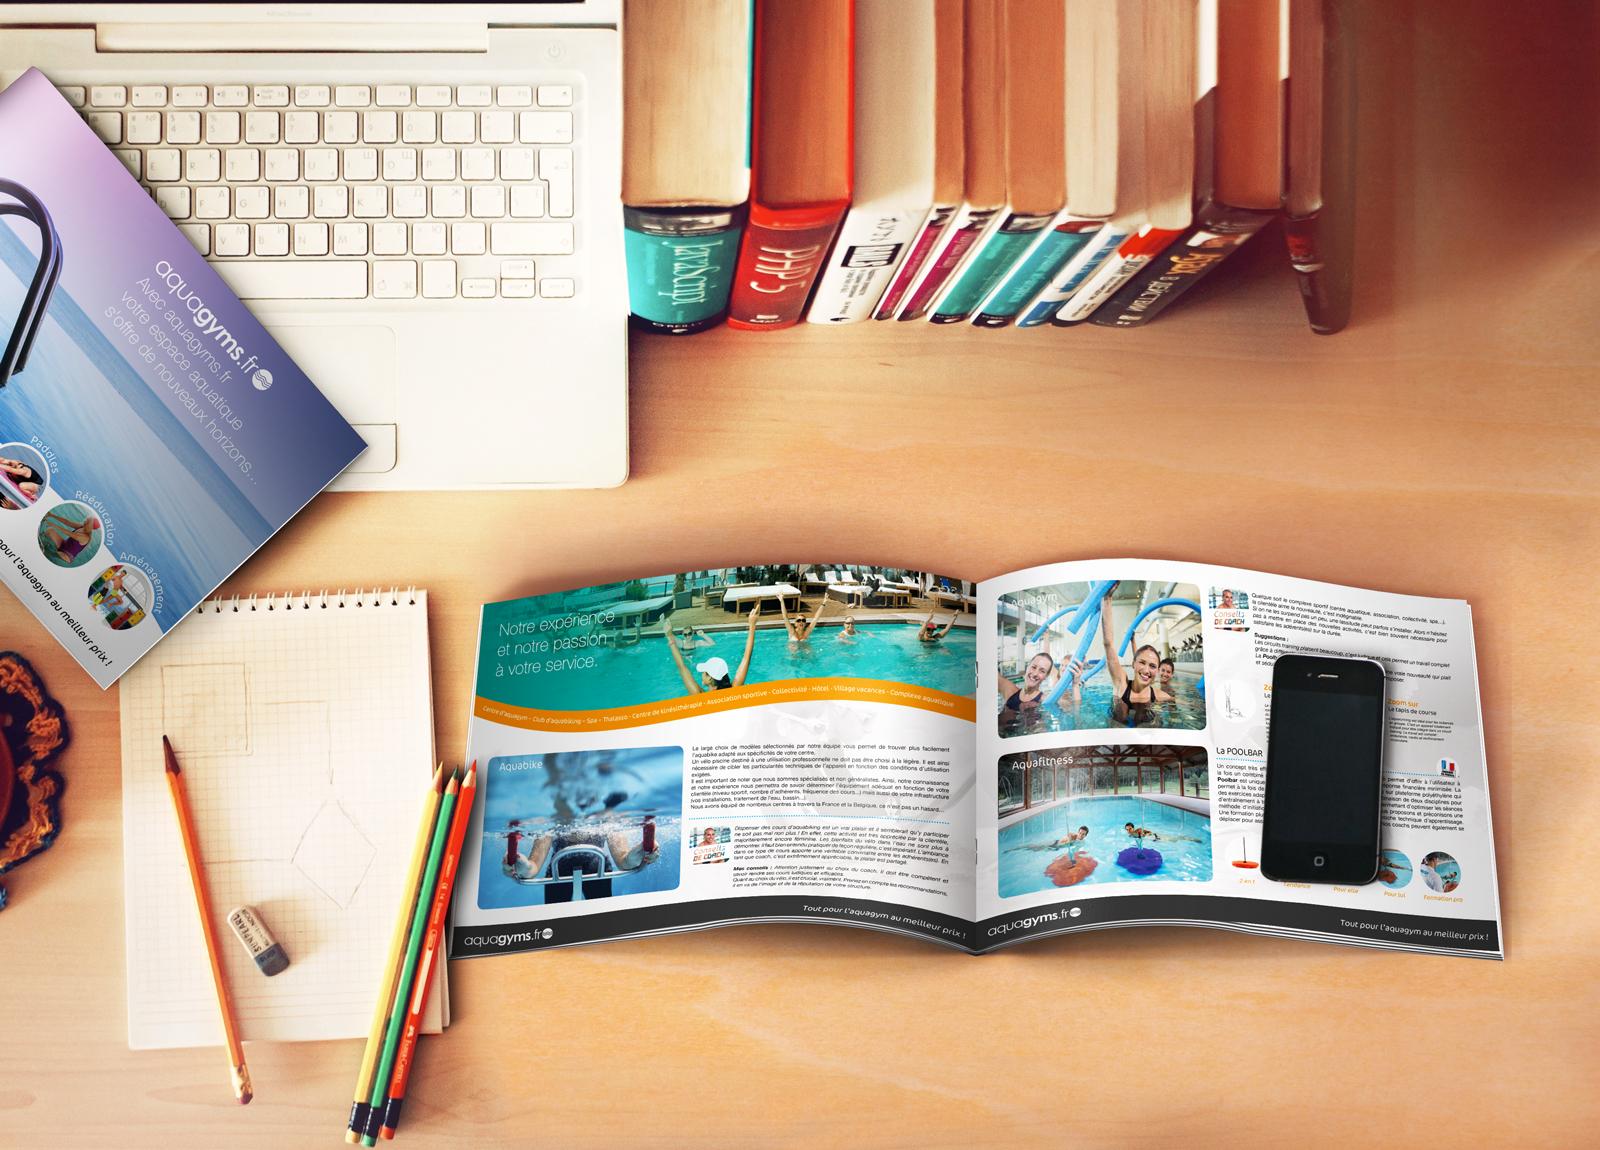 catalogue distributeur cityzen com agence de communication clermont ferrand et bourges. Black Bedroom Furniture Sets. Home Design Ideas